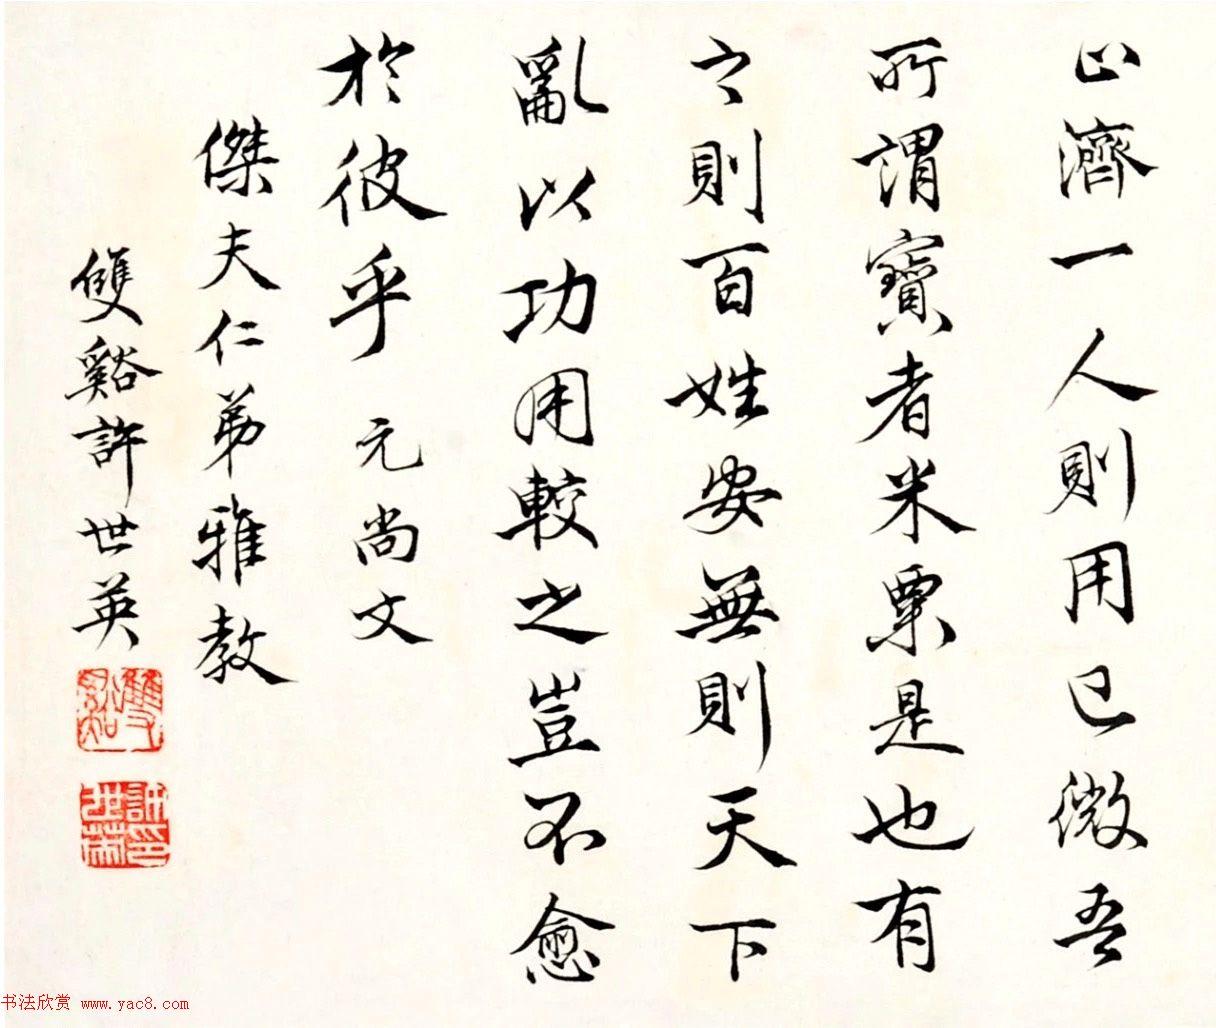 民国总理许世英行书手卷《节录元史·尚文传》